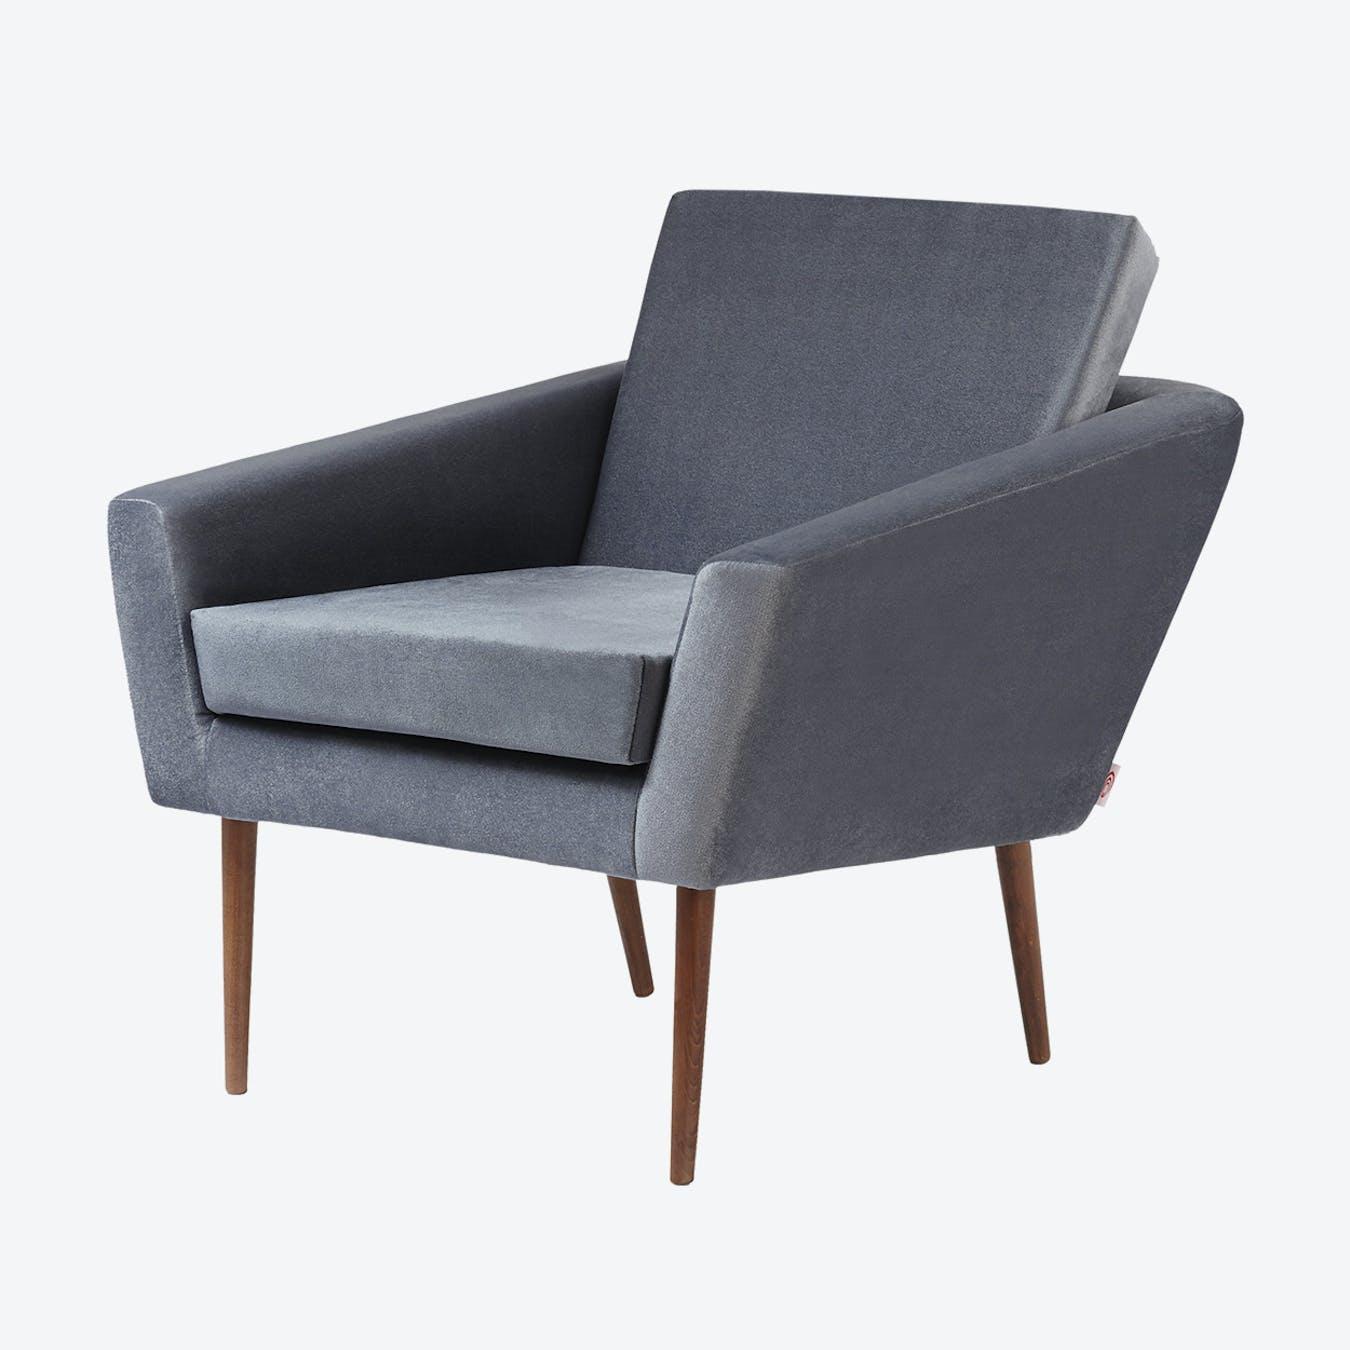 Supernova Chair - Velvet Line in Grey